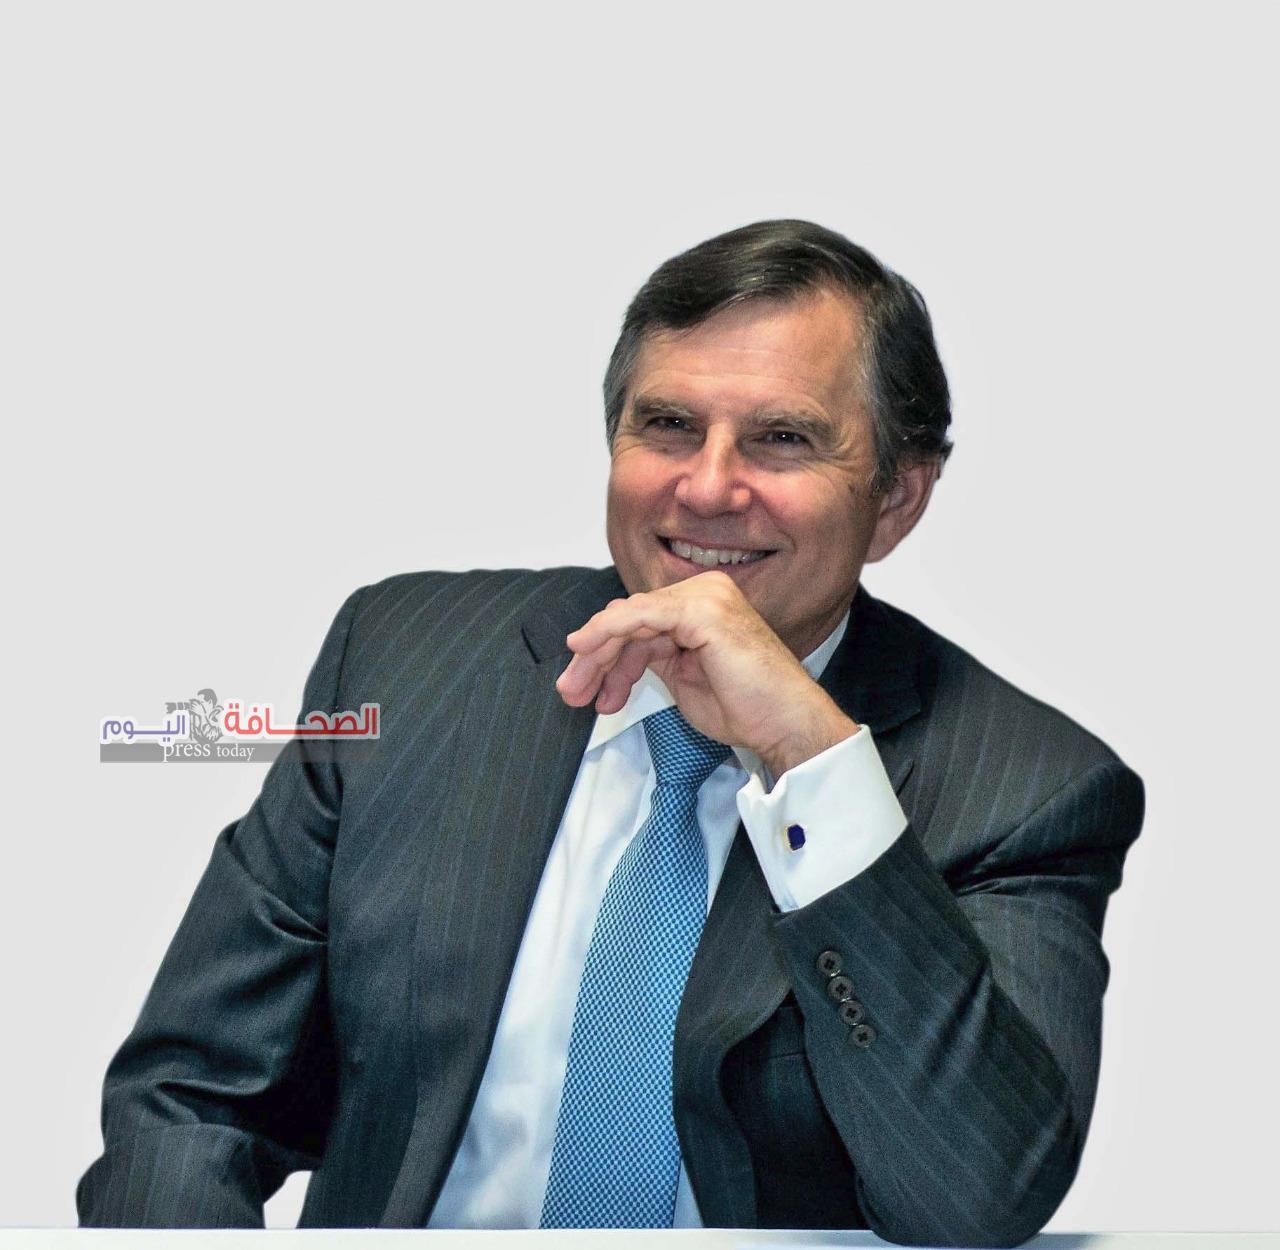 """""""إيمرسون"""" تستكمل عملية الاستحواذ على شركة """"بارادايم"""" لتوسيع قدراتها في مجال البرمجيات الصناعية لقطاع النفط والغاز العالمي"""